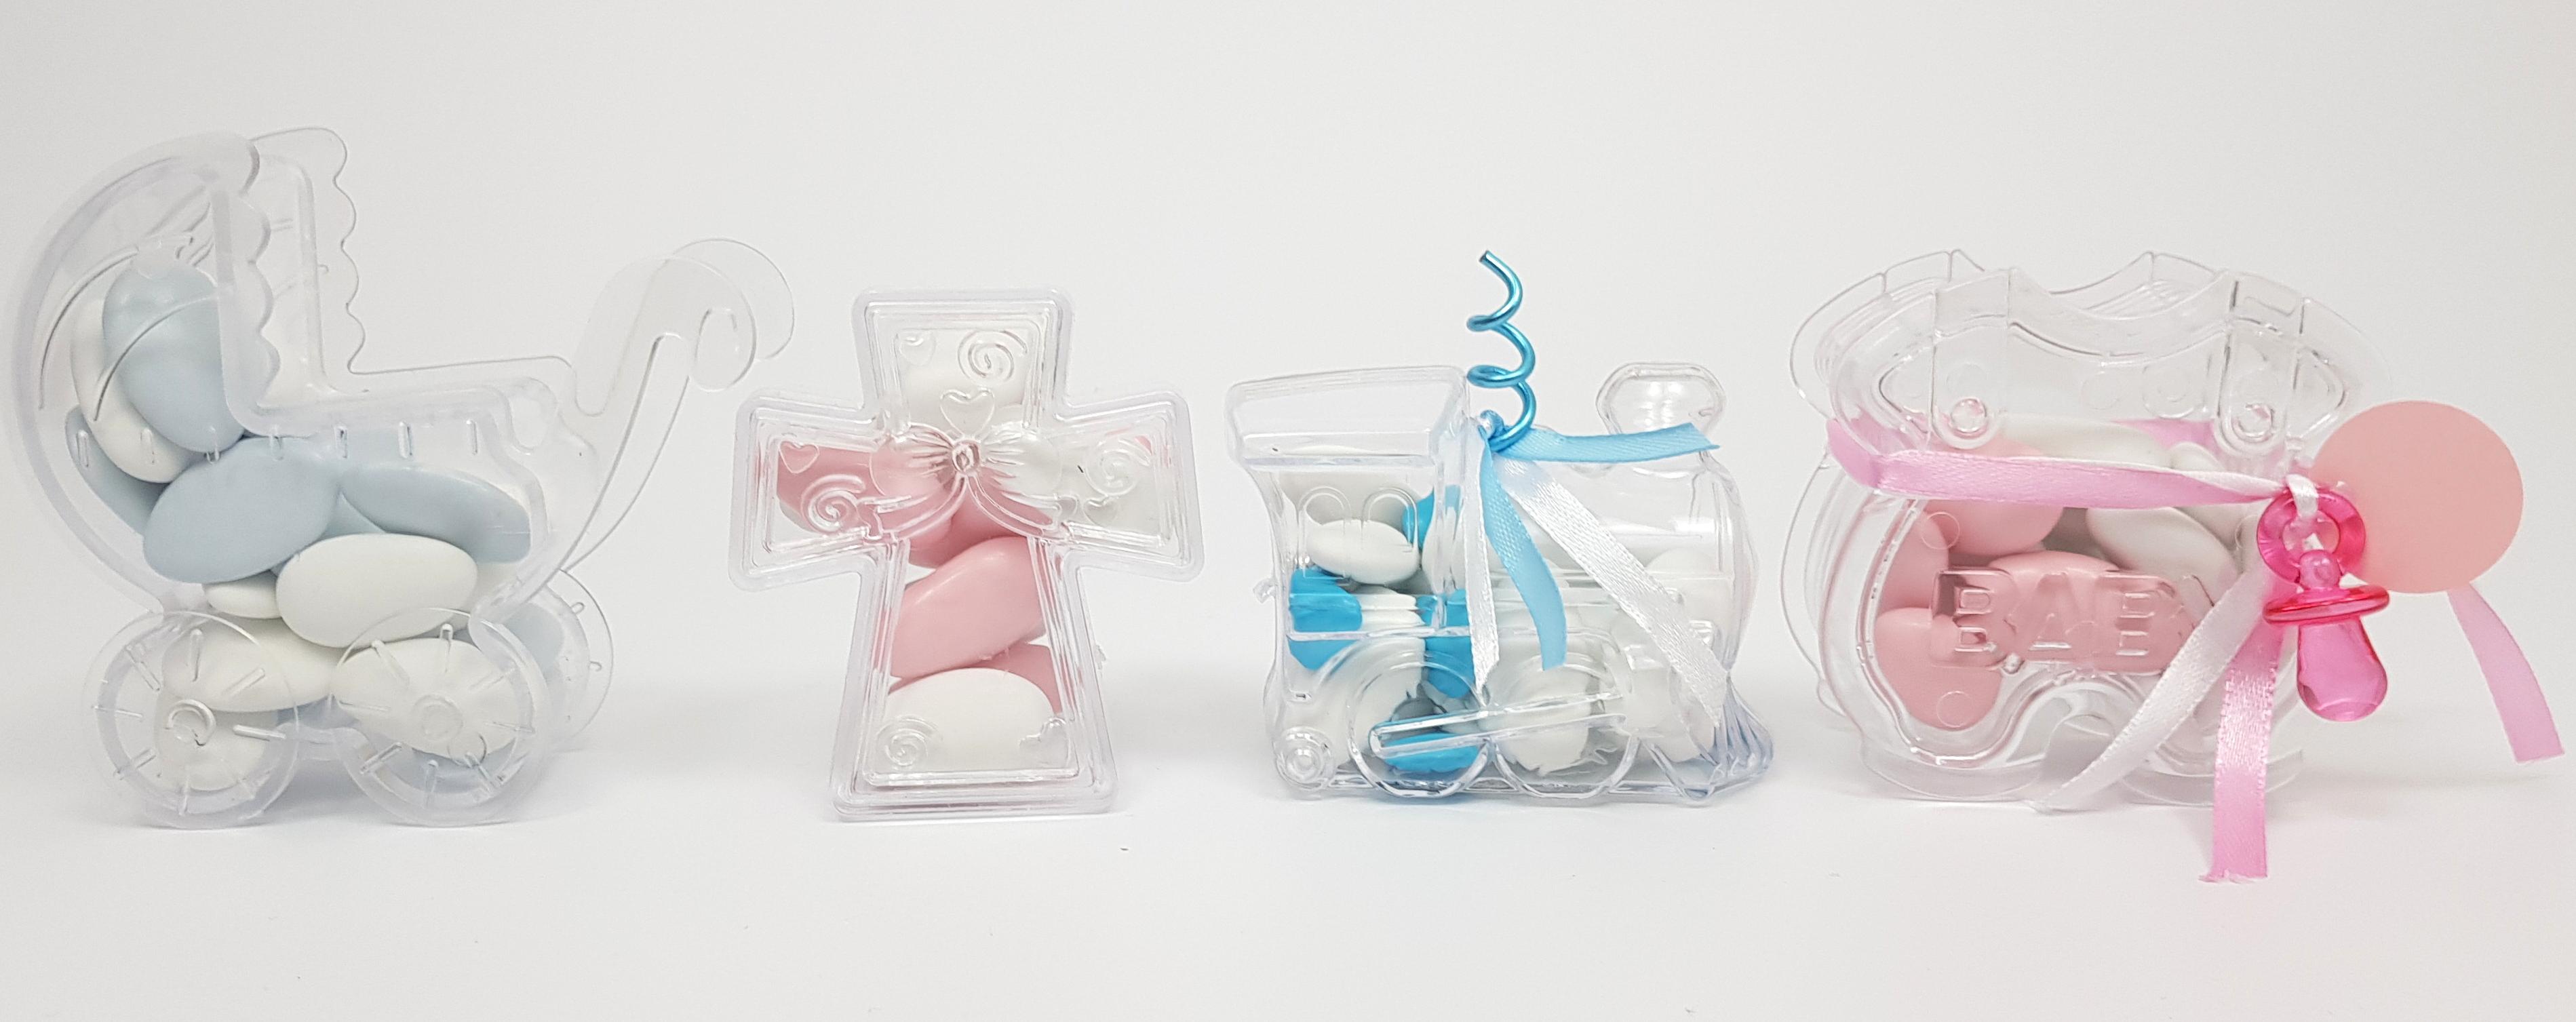 Idée Cadeau Baby Shower contenant boites plexi idées cadeaux bapteme - copie